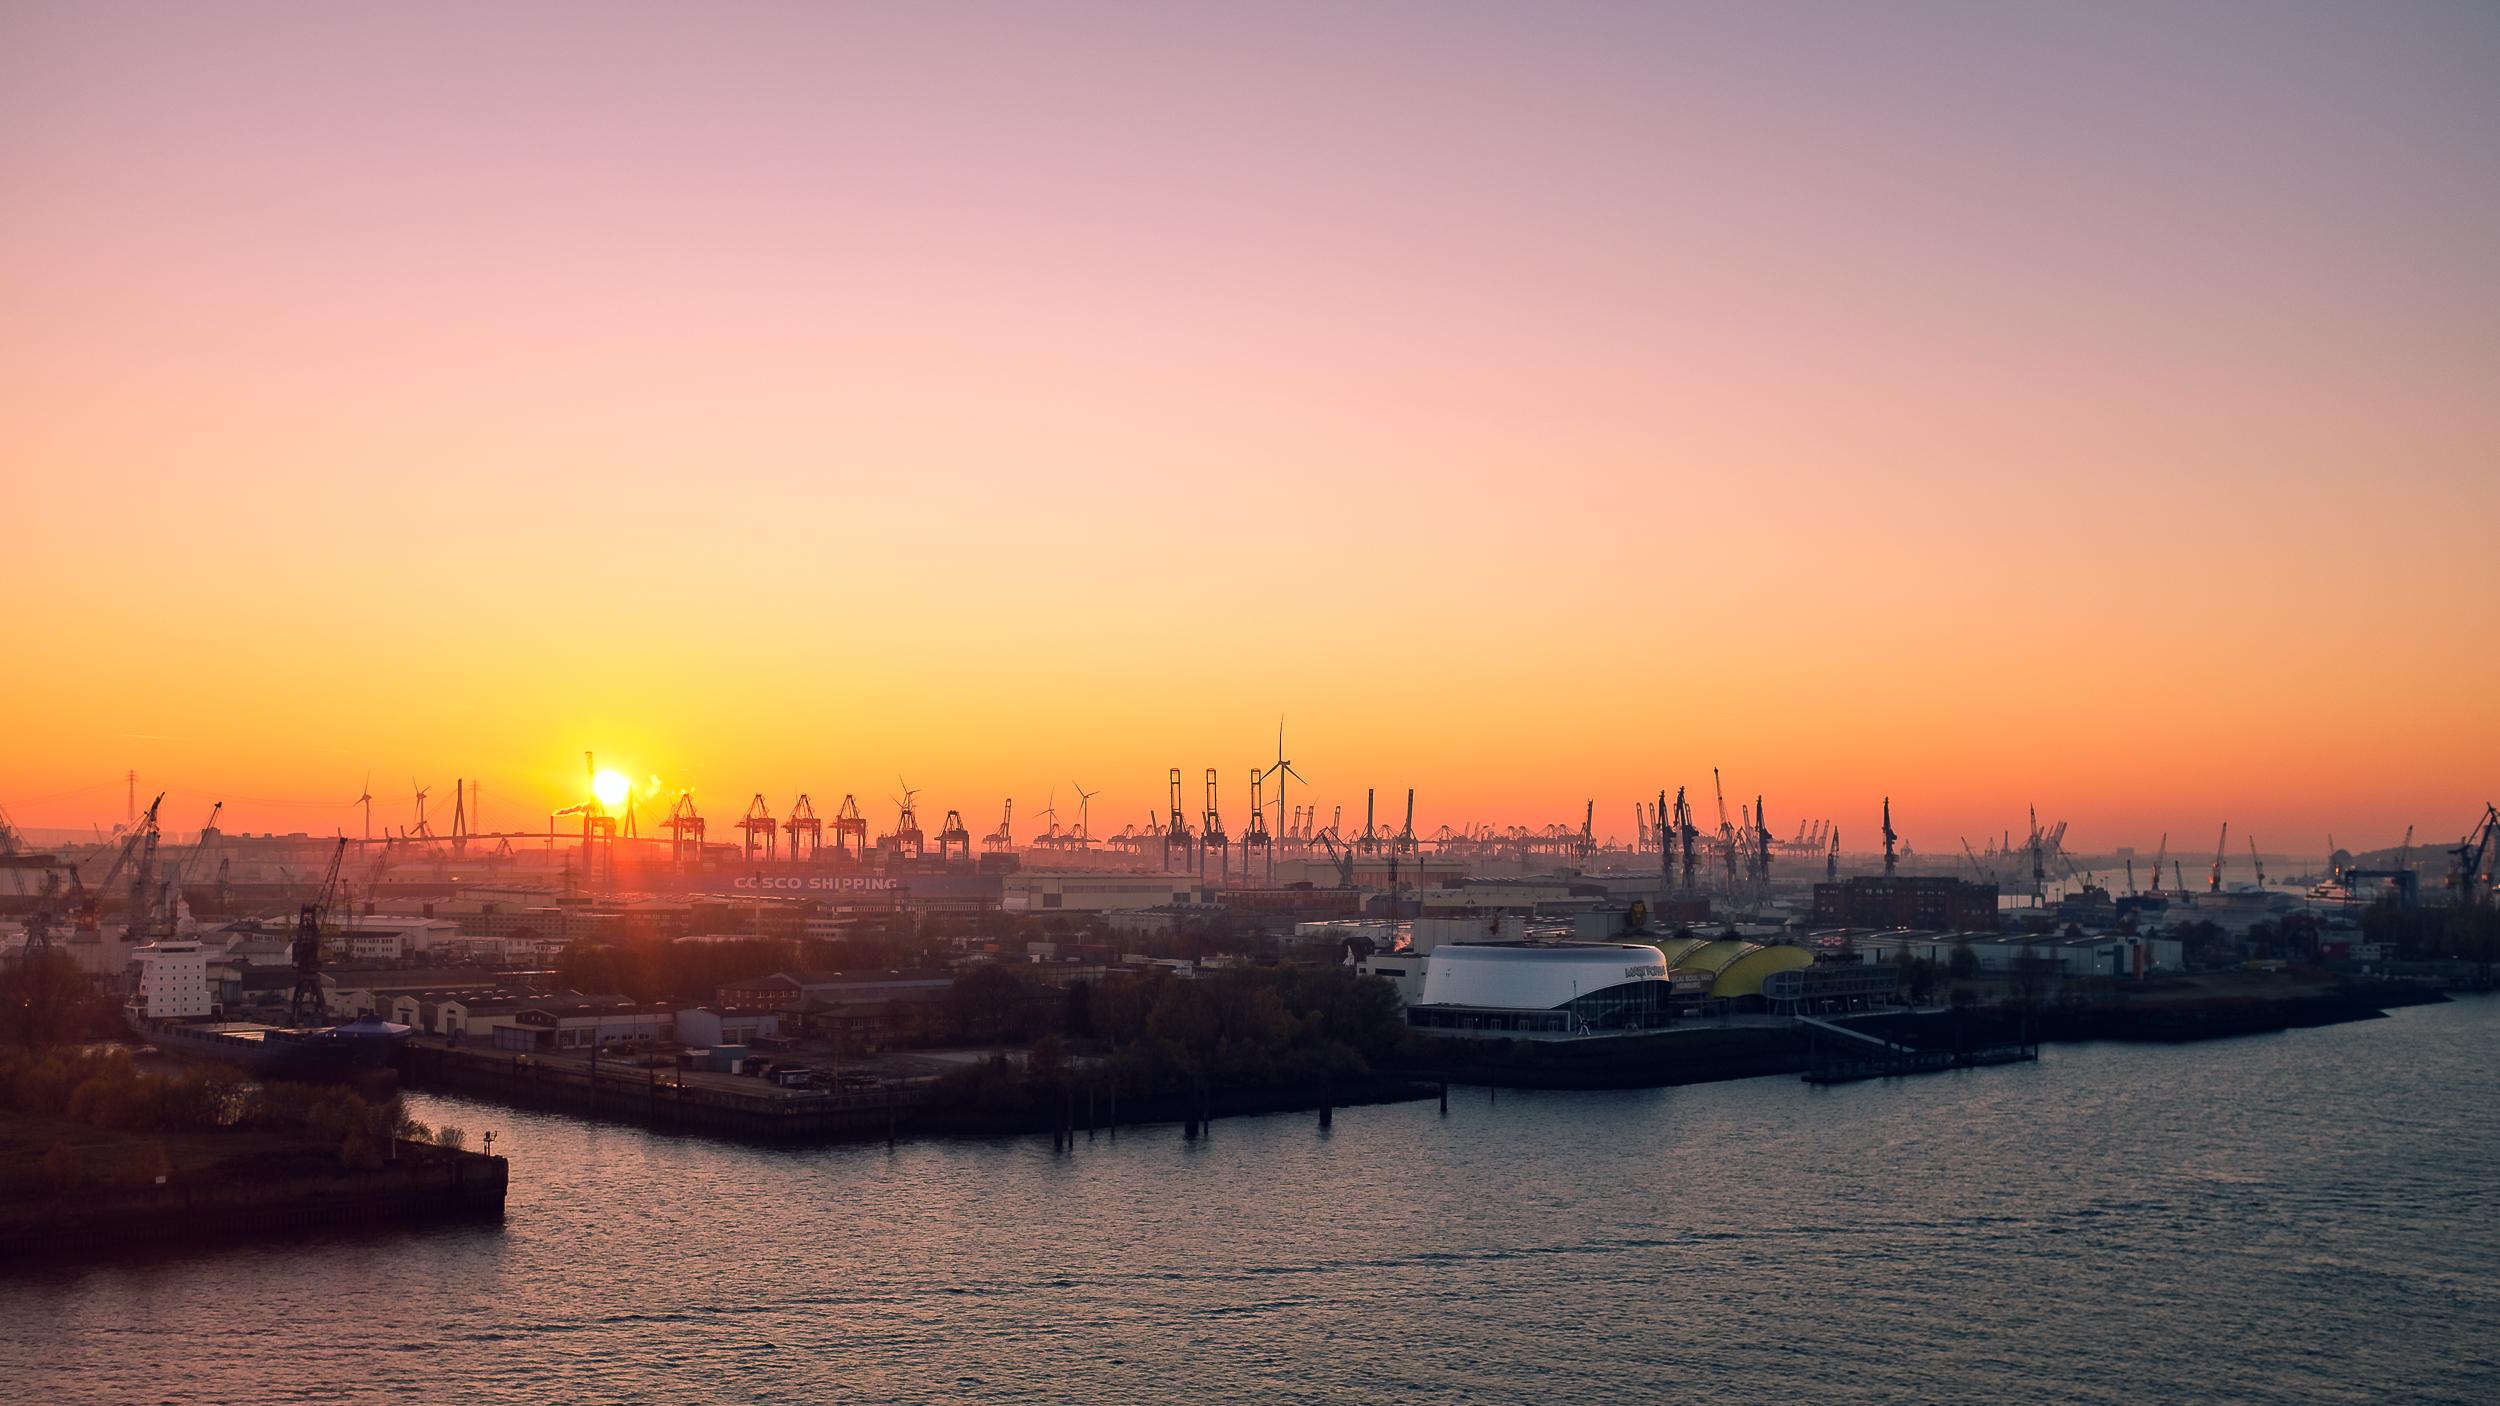 Elbphilharmonie-Hafen_20181116_0014_2500px.jpg